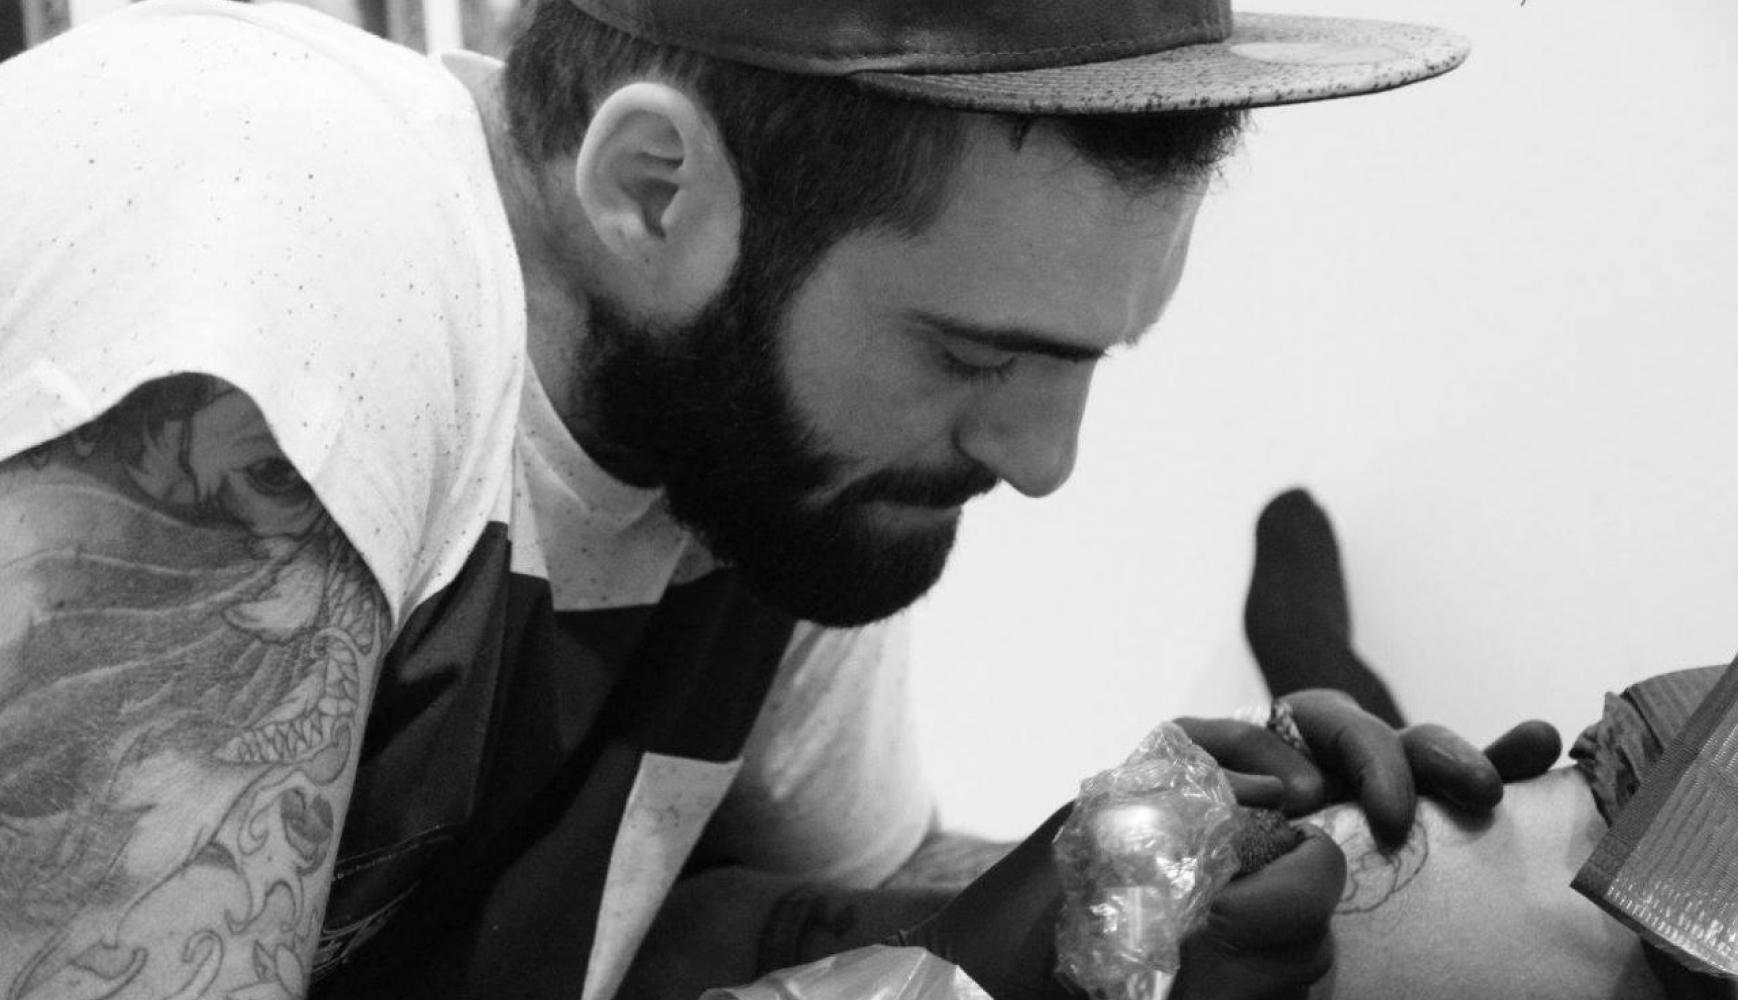 Artista invitado Cesar nieto en Los 5 Sentidos Tattoo Benidorm